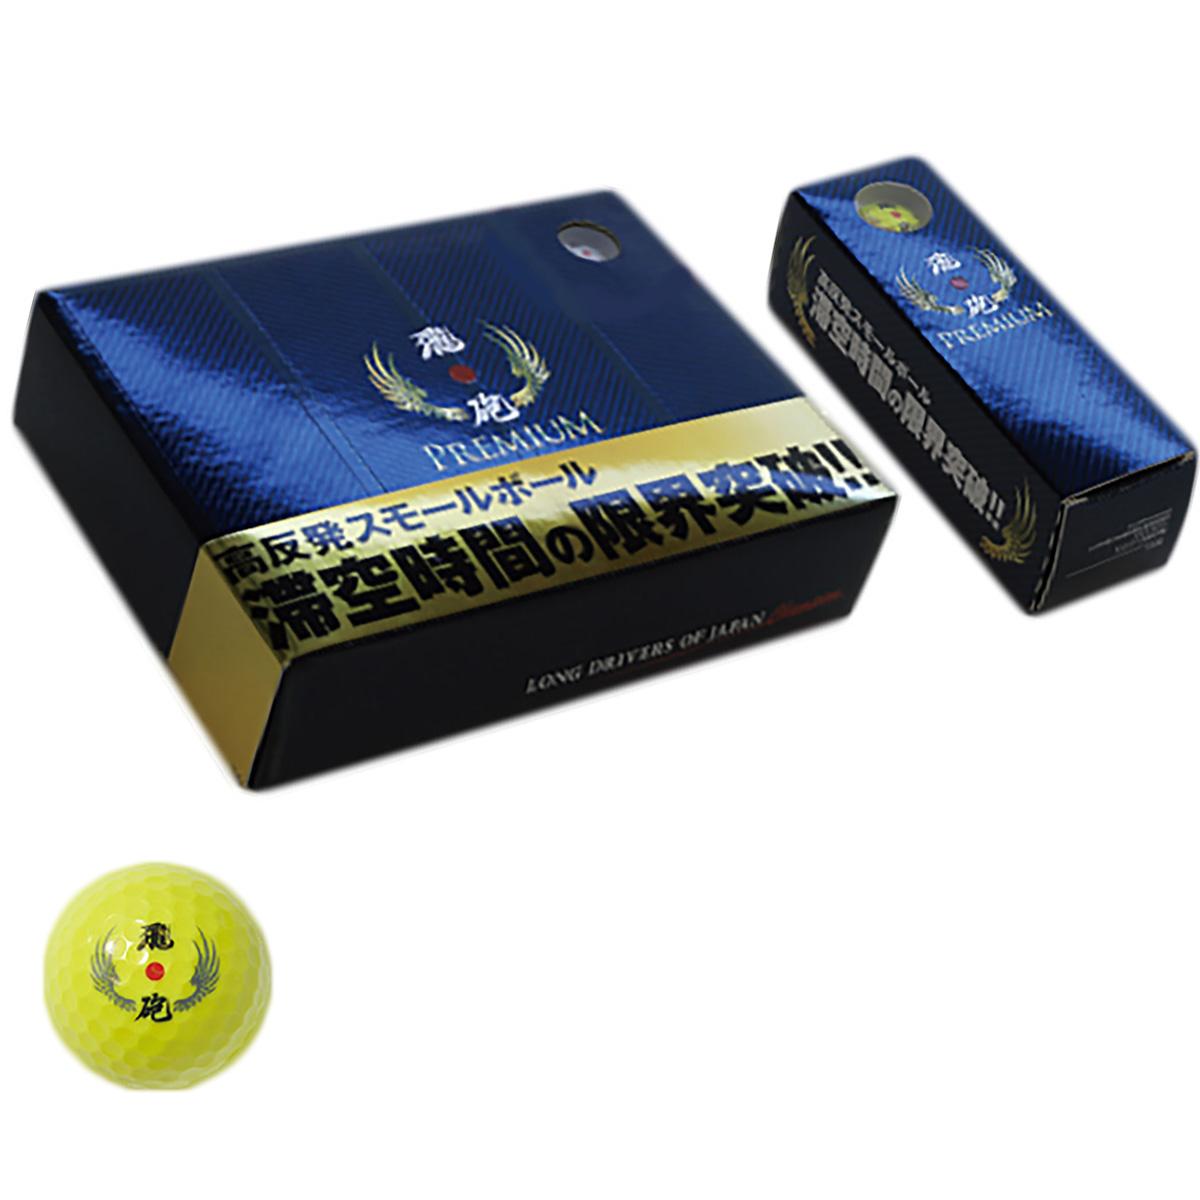 高反発スモール 飛砲PREMIUM ボール 5ダースセット【非公認球】